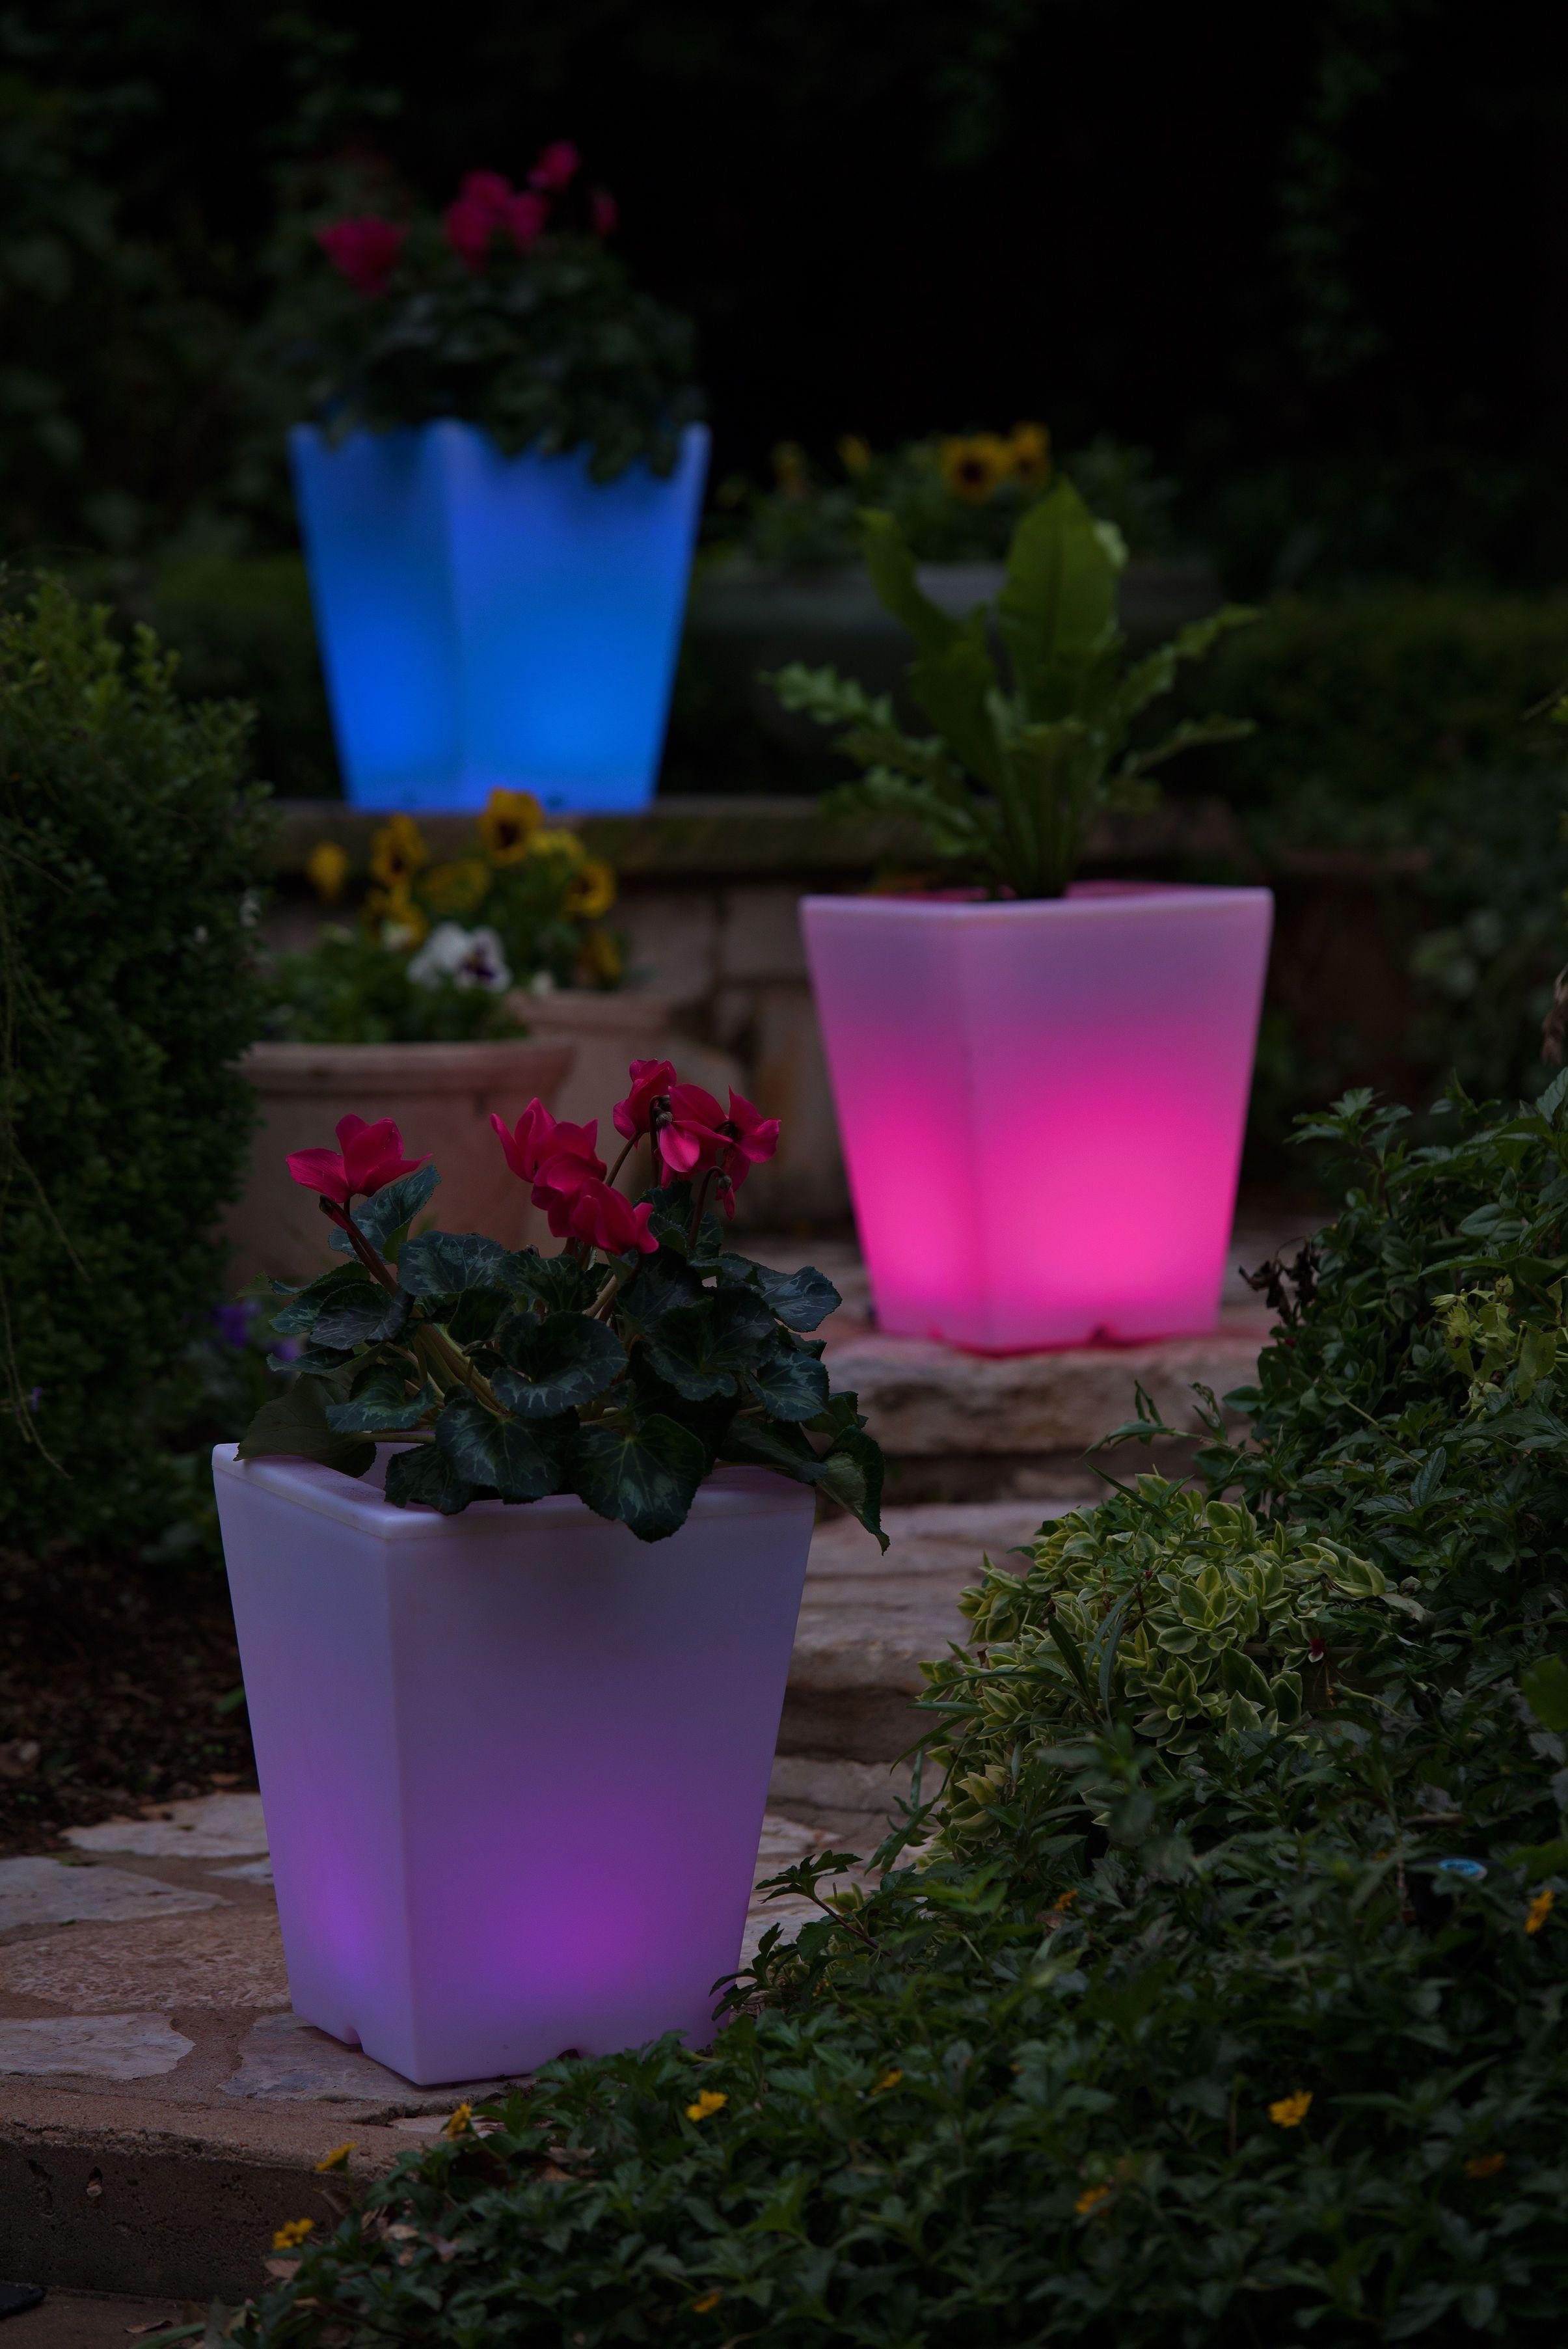 Solar Illuminated Planter Small Square Planter Gardeners Com Solar Lights Garden Square Planters Patio Planters